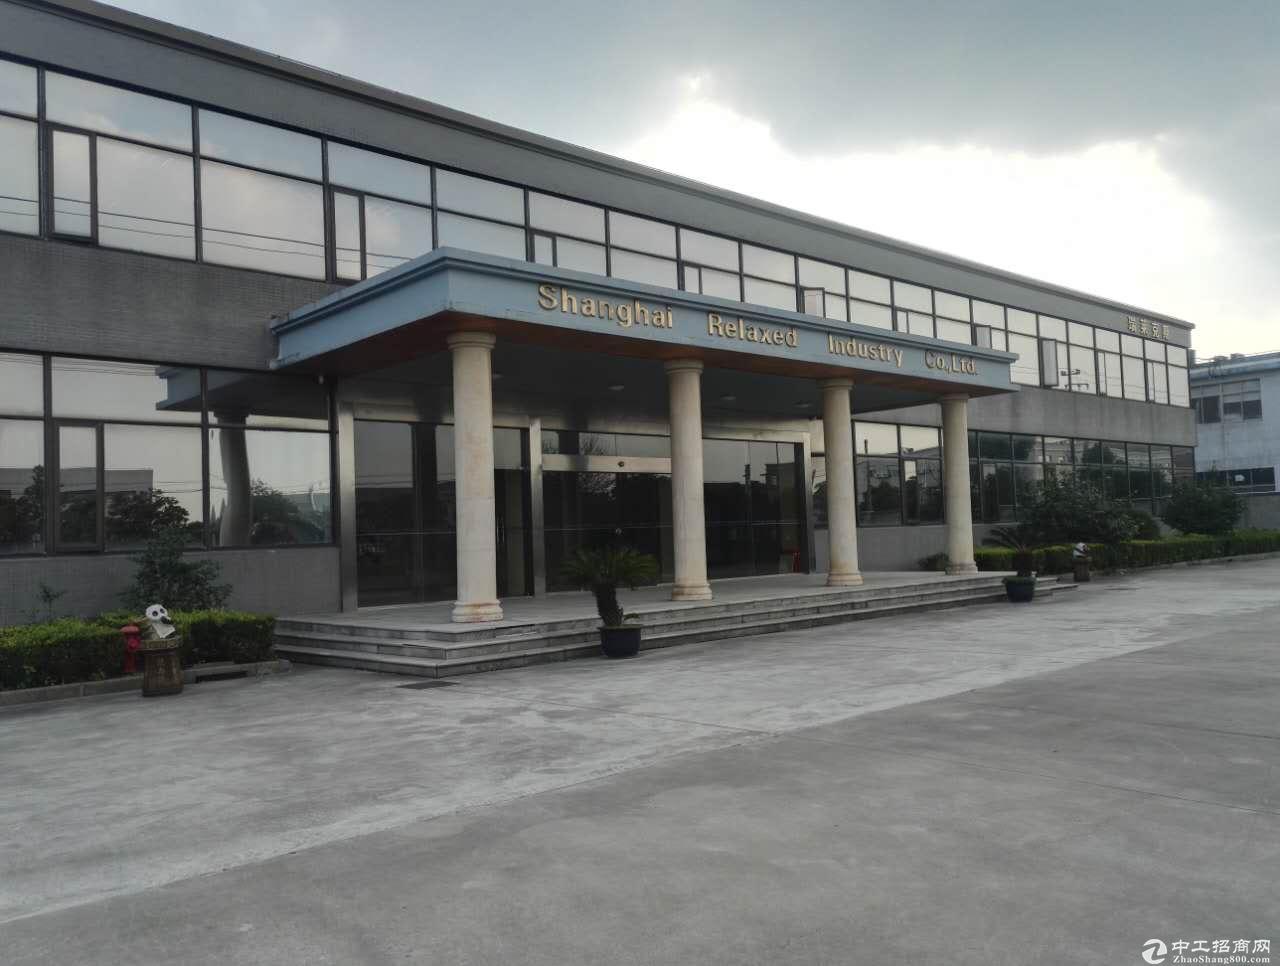 练塘工业区近华为研发基地11亩独院单层厂房产权过户